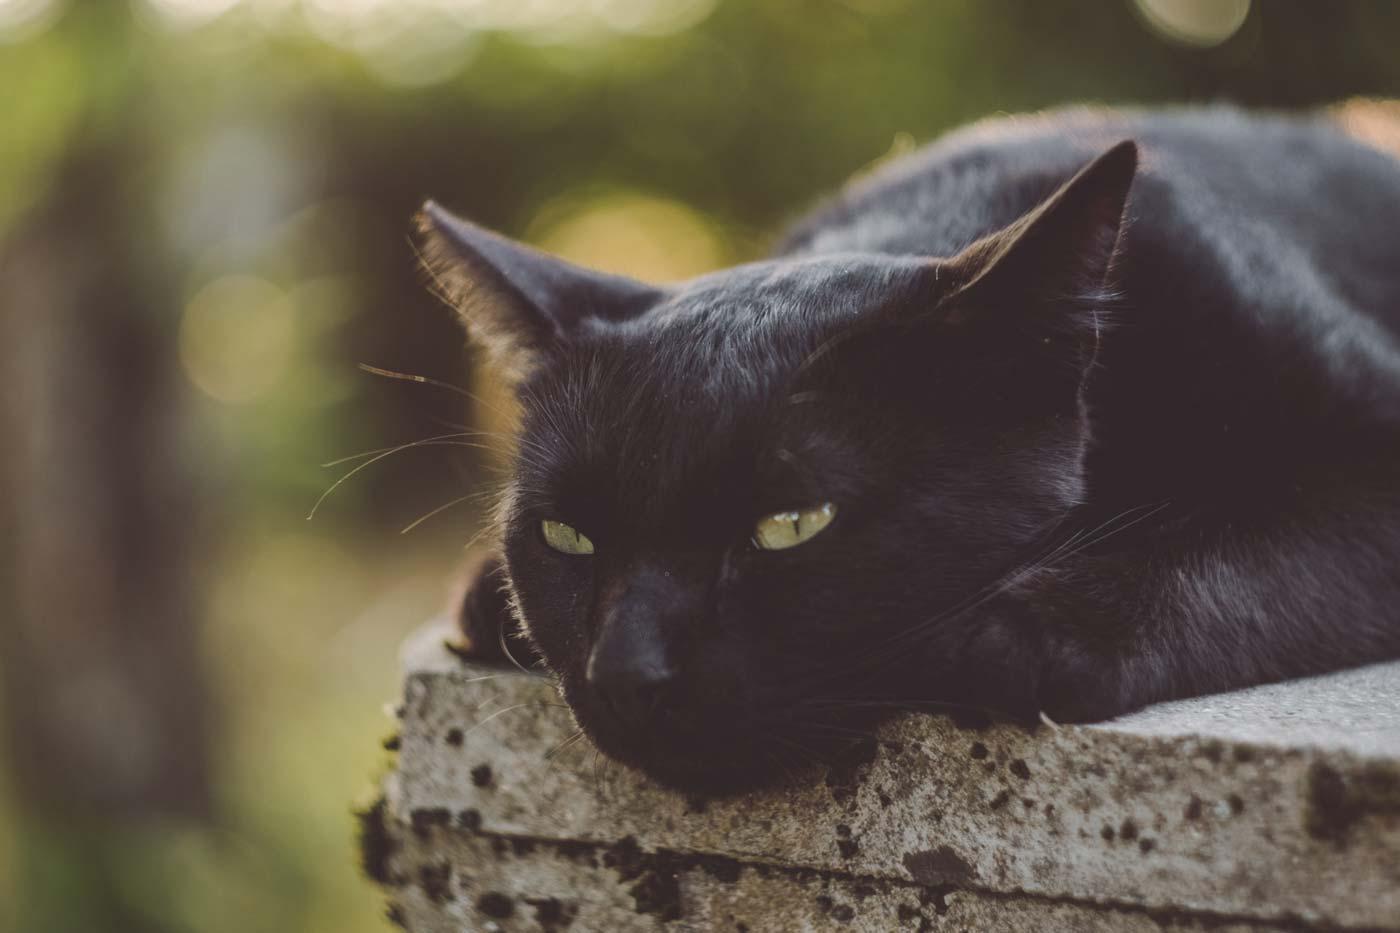 Ciekawostki o kotach. Głaskanie zwierząt to sprawdzone sposoby na relaks